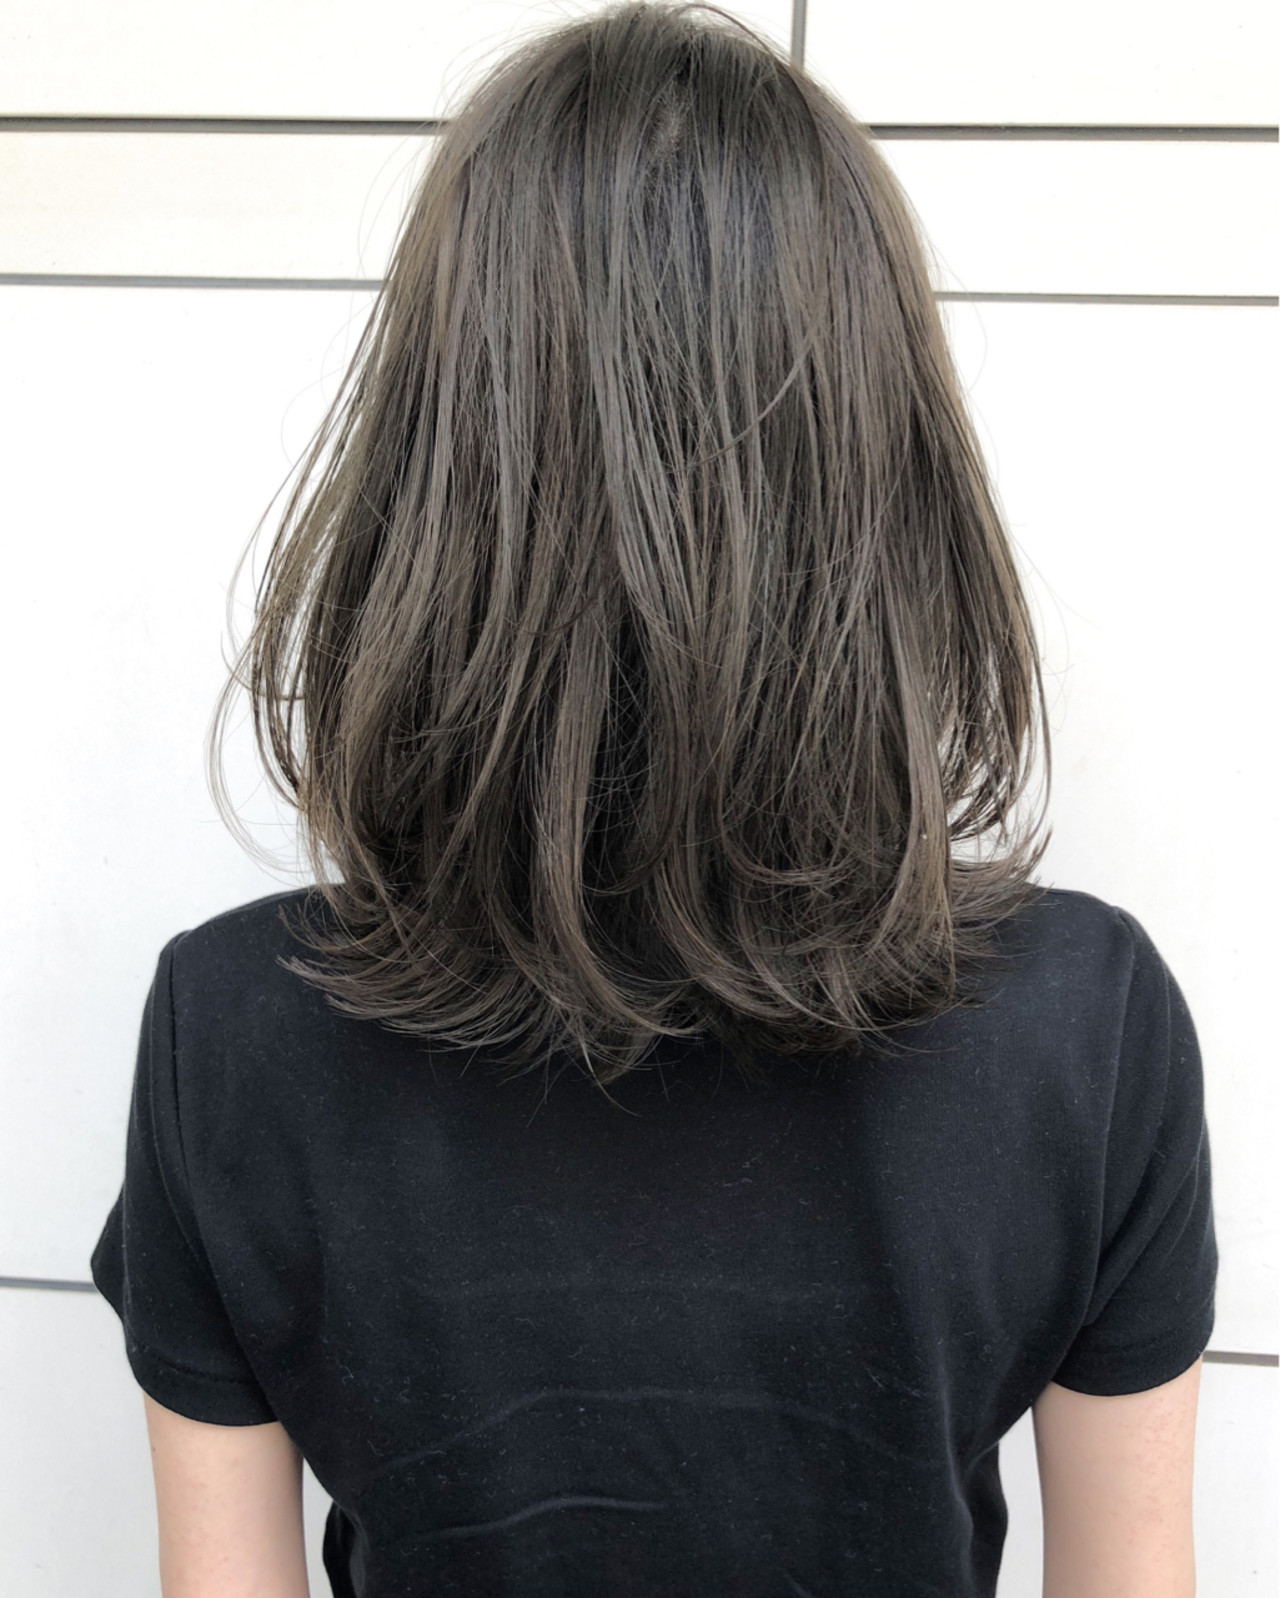 大人かわいい ゆるふわ ハイライト アンニュイ ヘアスタイルや髪型の写真・画像 | スガ シュンスケ / Tierra (ティエラ)